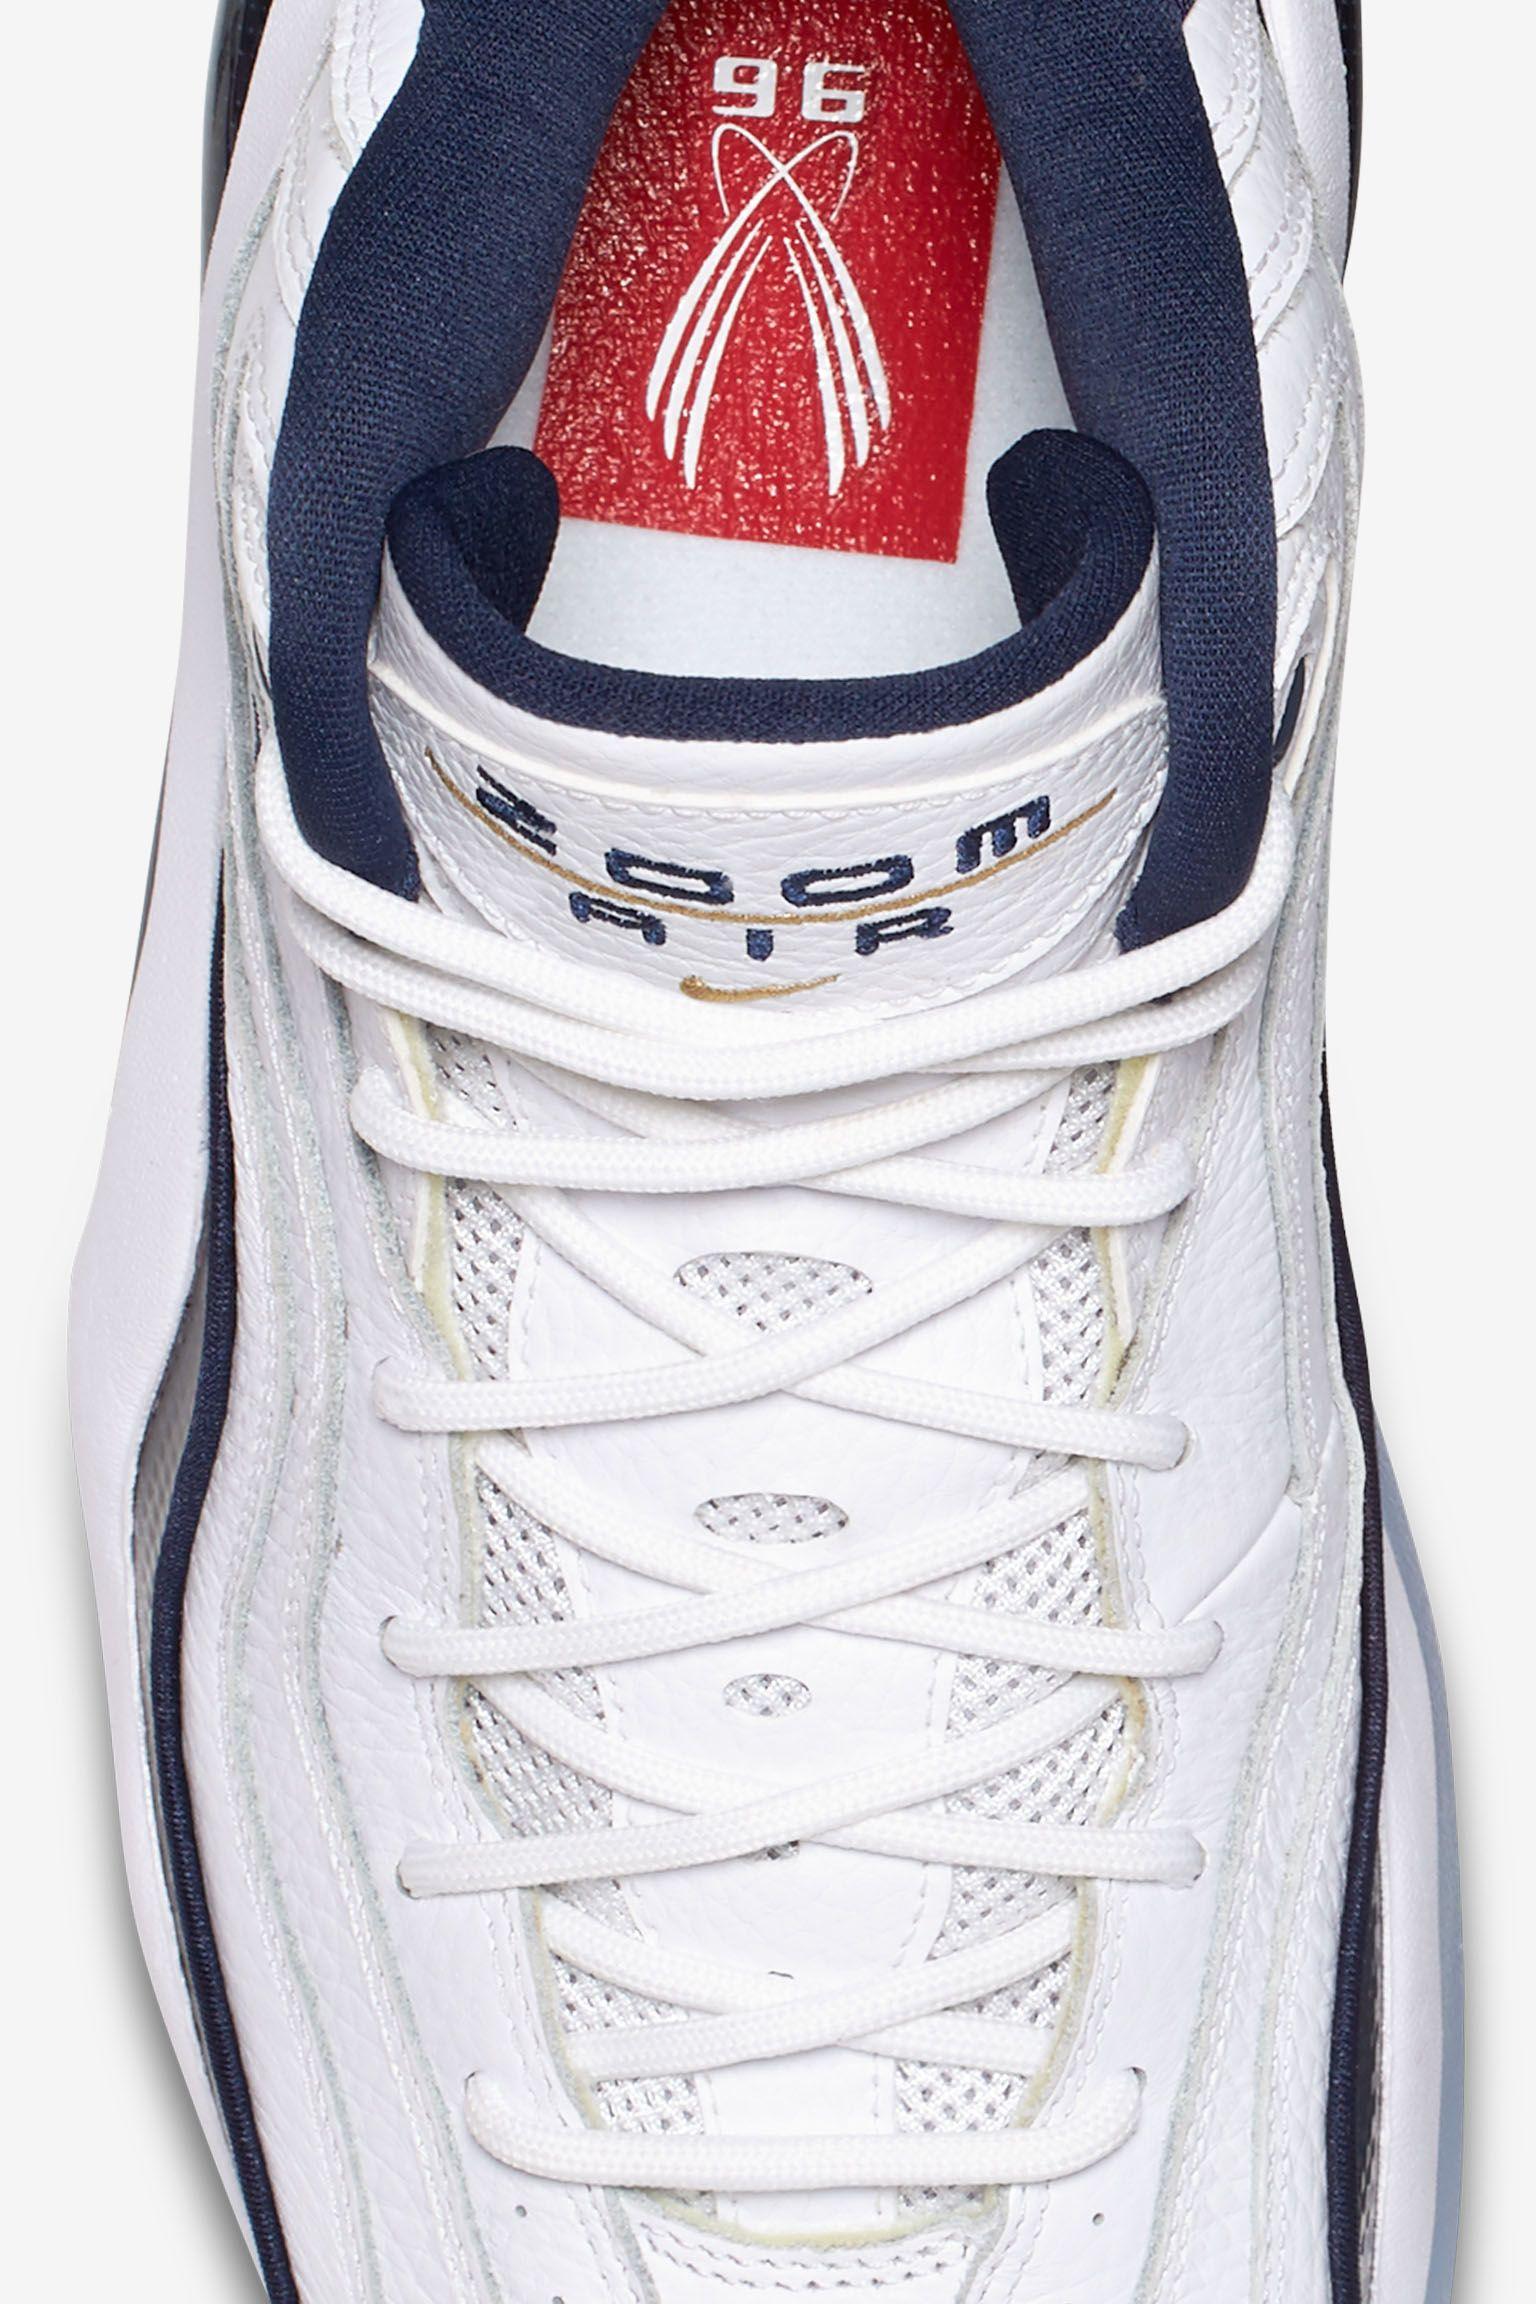 Nike Air Zoom Flight 96 'Summer of '96'